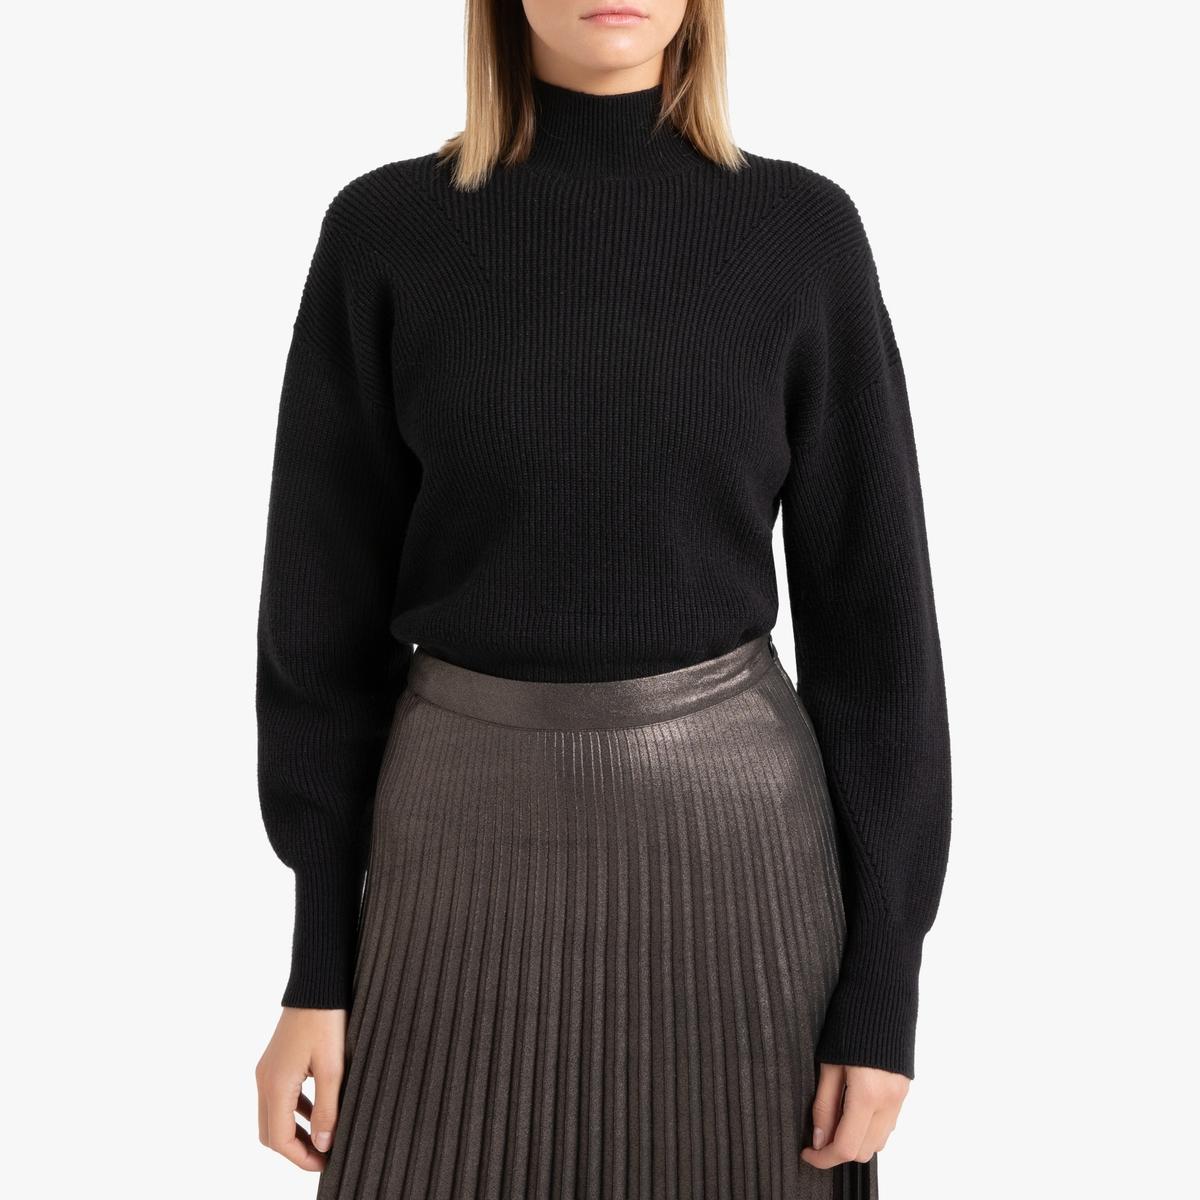 Пуловер La Redoute С воротником-стойкой из ребристого трикотажа S черный цена и фото